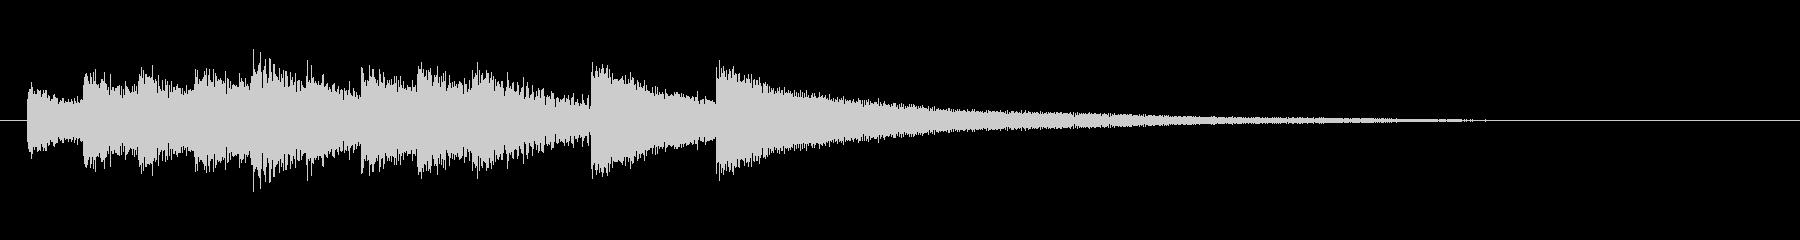 合格 正解 チャイム 鐘の未再生の波形